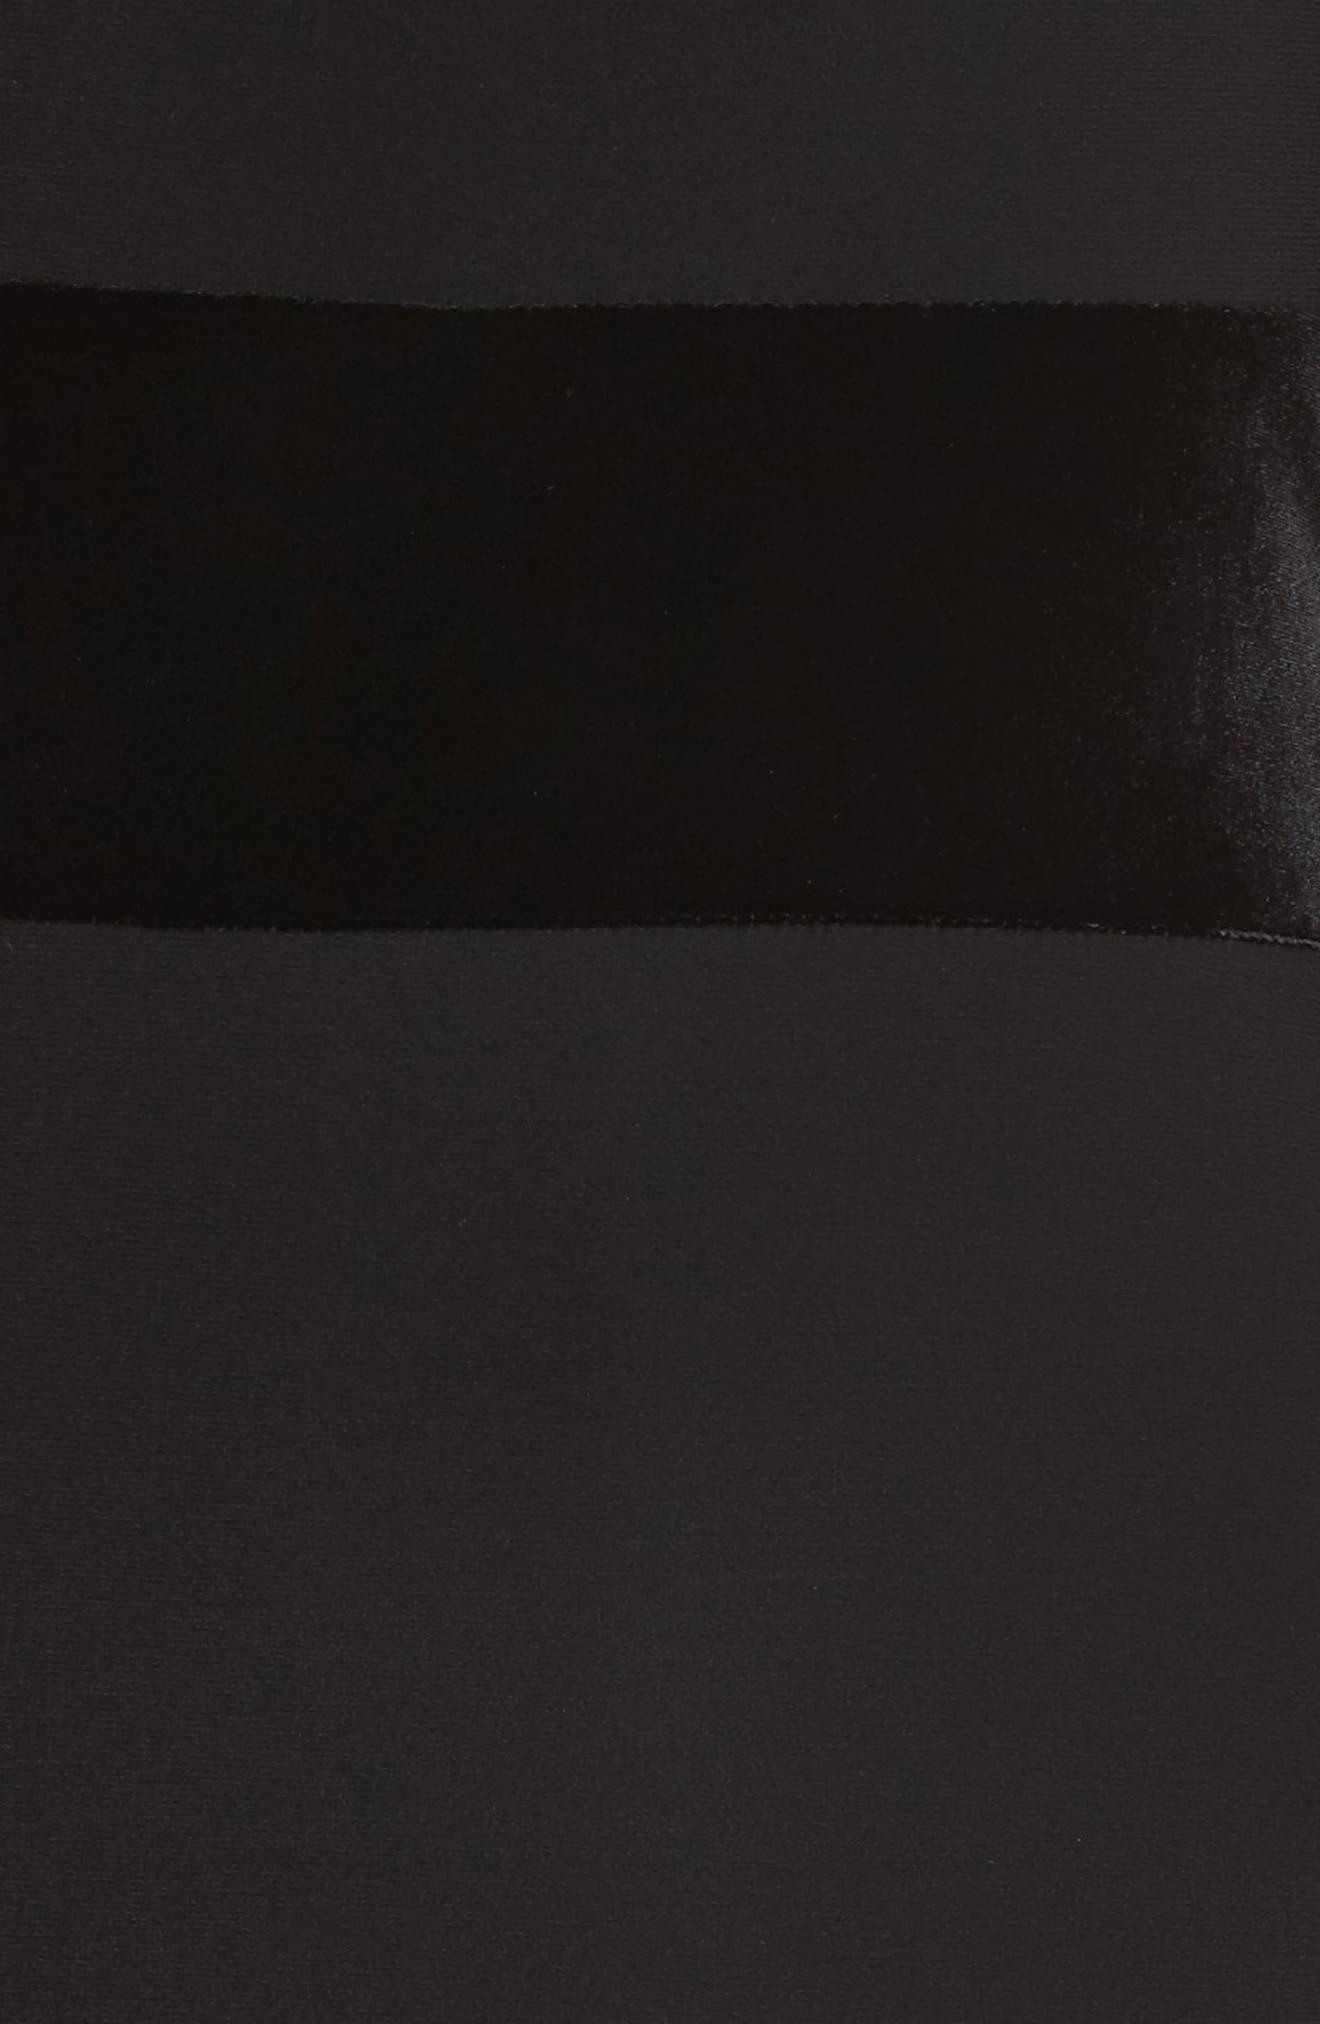 Velvet Trim Off the Shoulder Mermaid Dress,                             Alternate thumbnail 5, color,                             Black